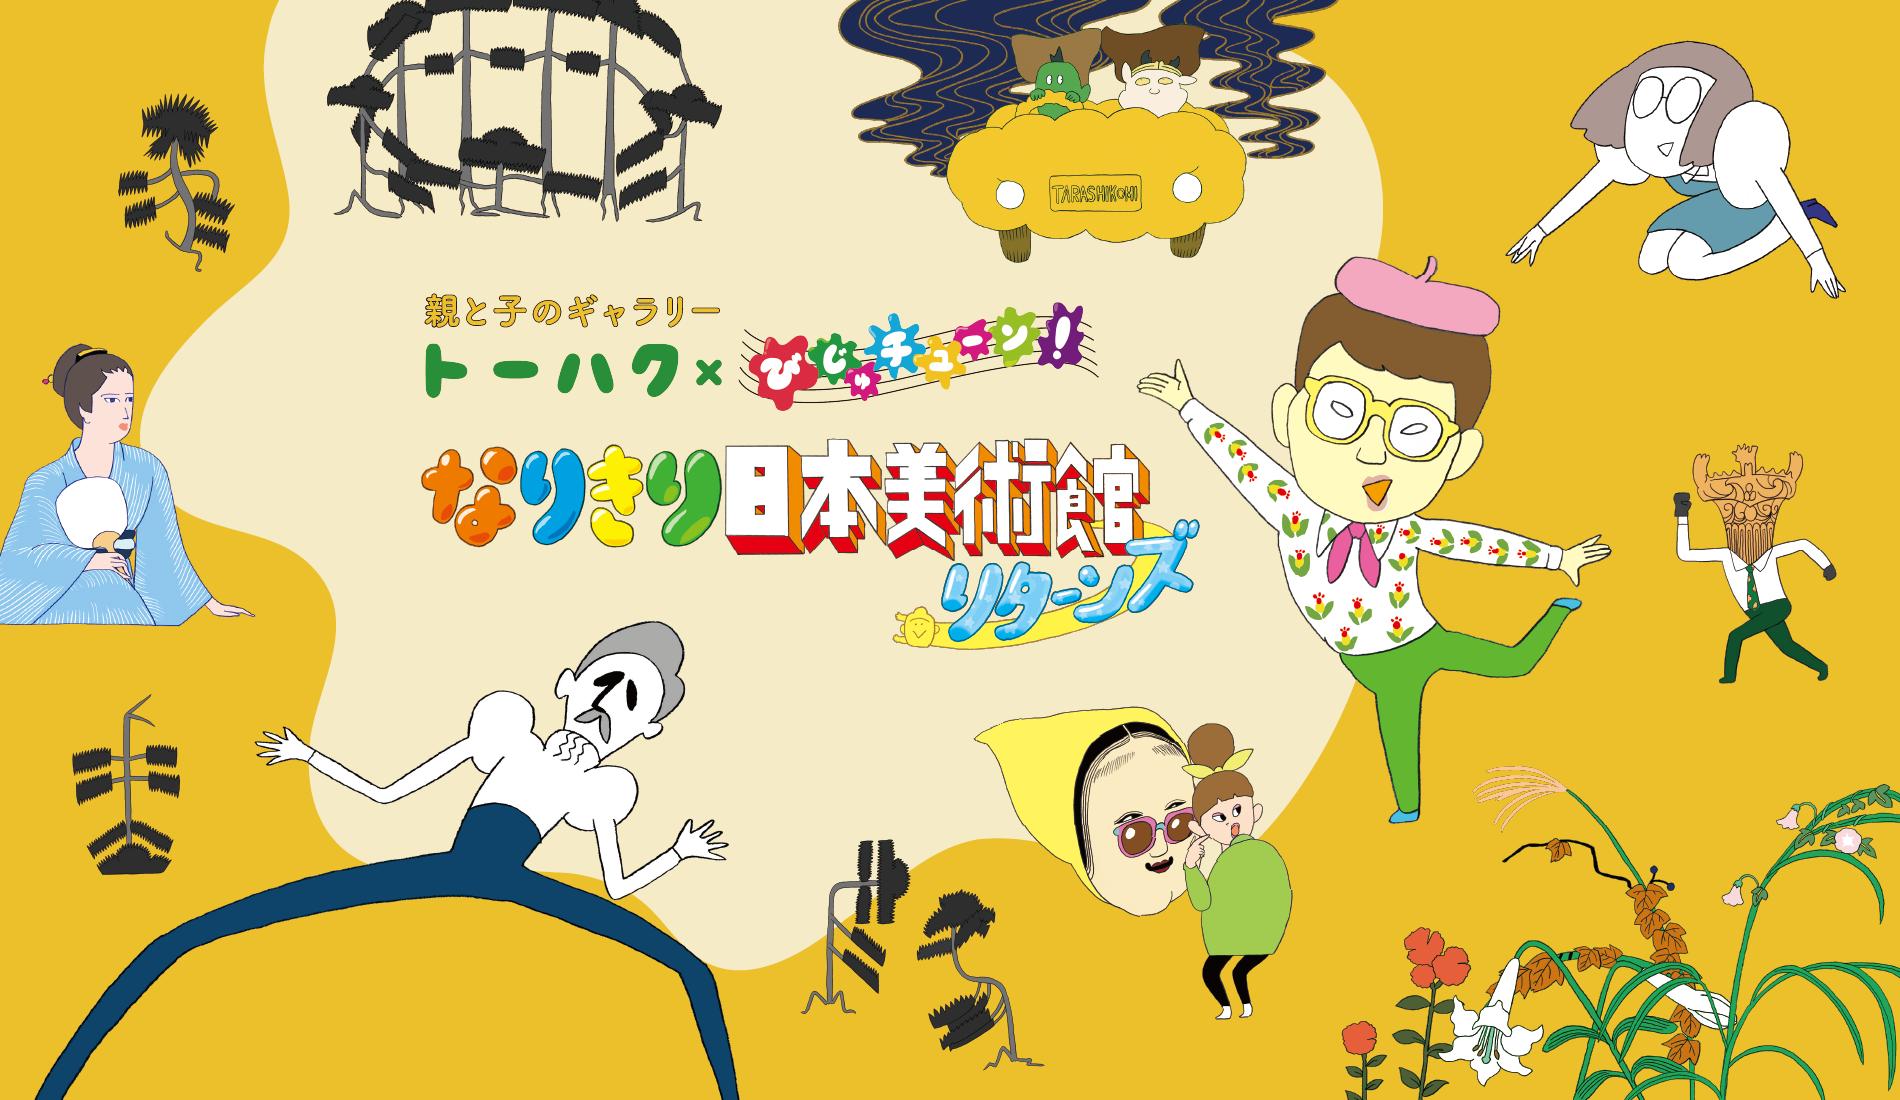 トーハク×びじゅチューン!「なりきり日本美術館リターンズ」